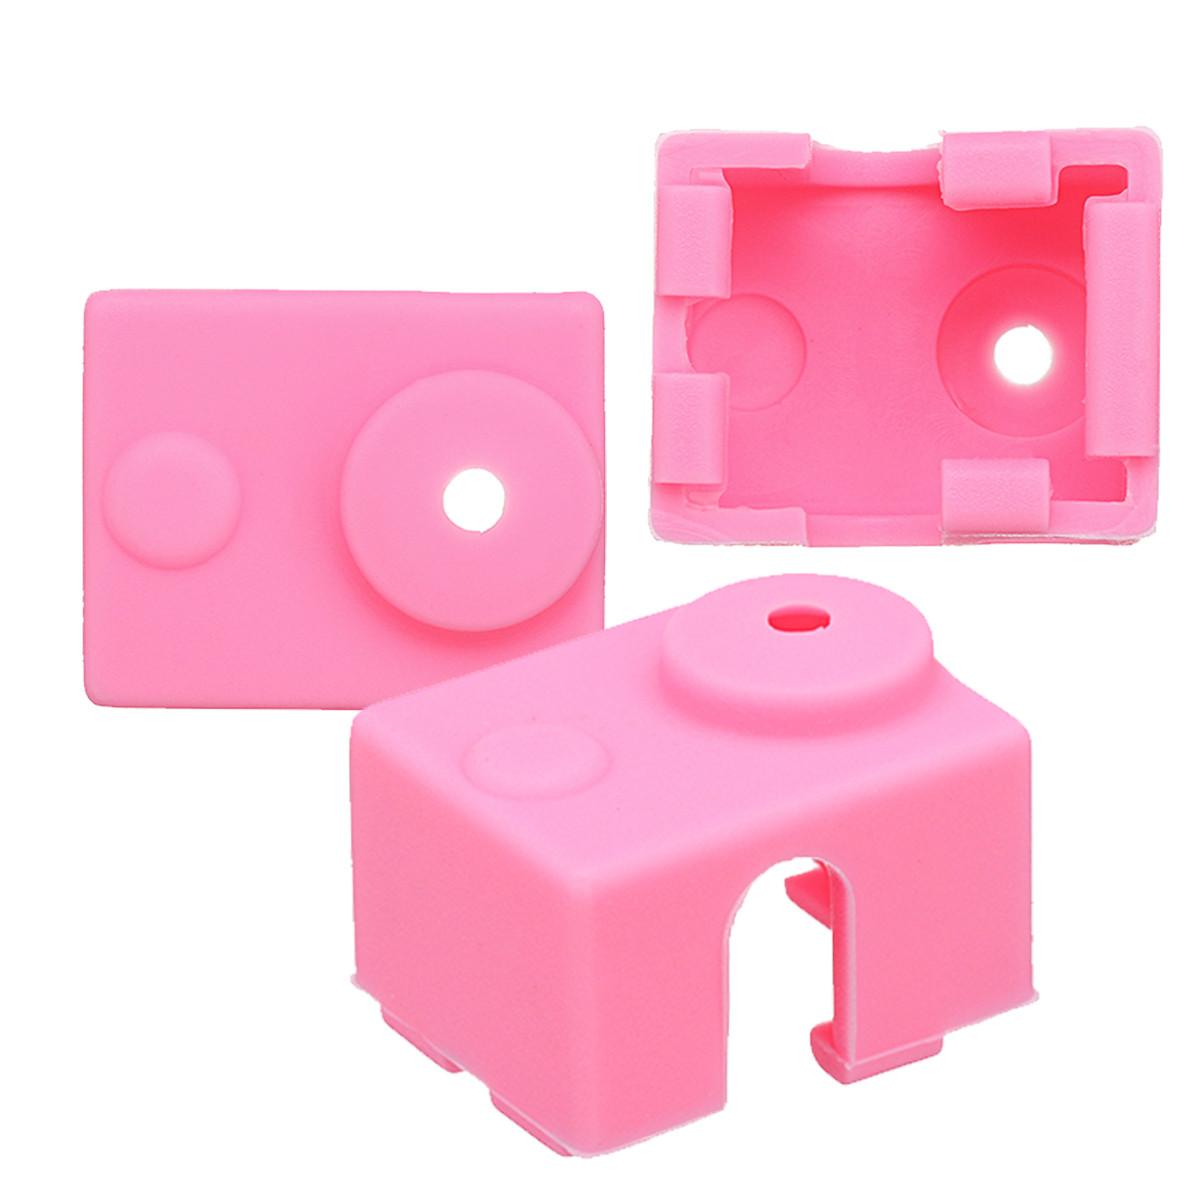 3Pcs Розовый Силиконовый Чехол Для E3D-V6 Термисторные 3D-принтеры 1TopShop